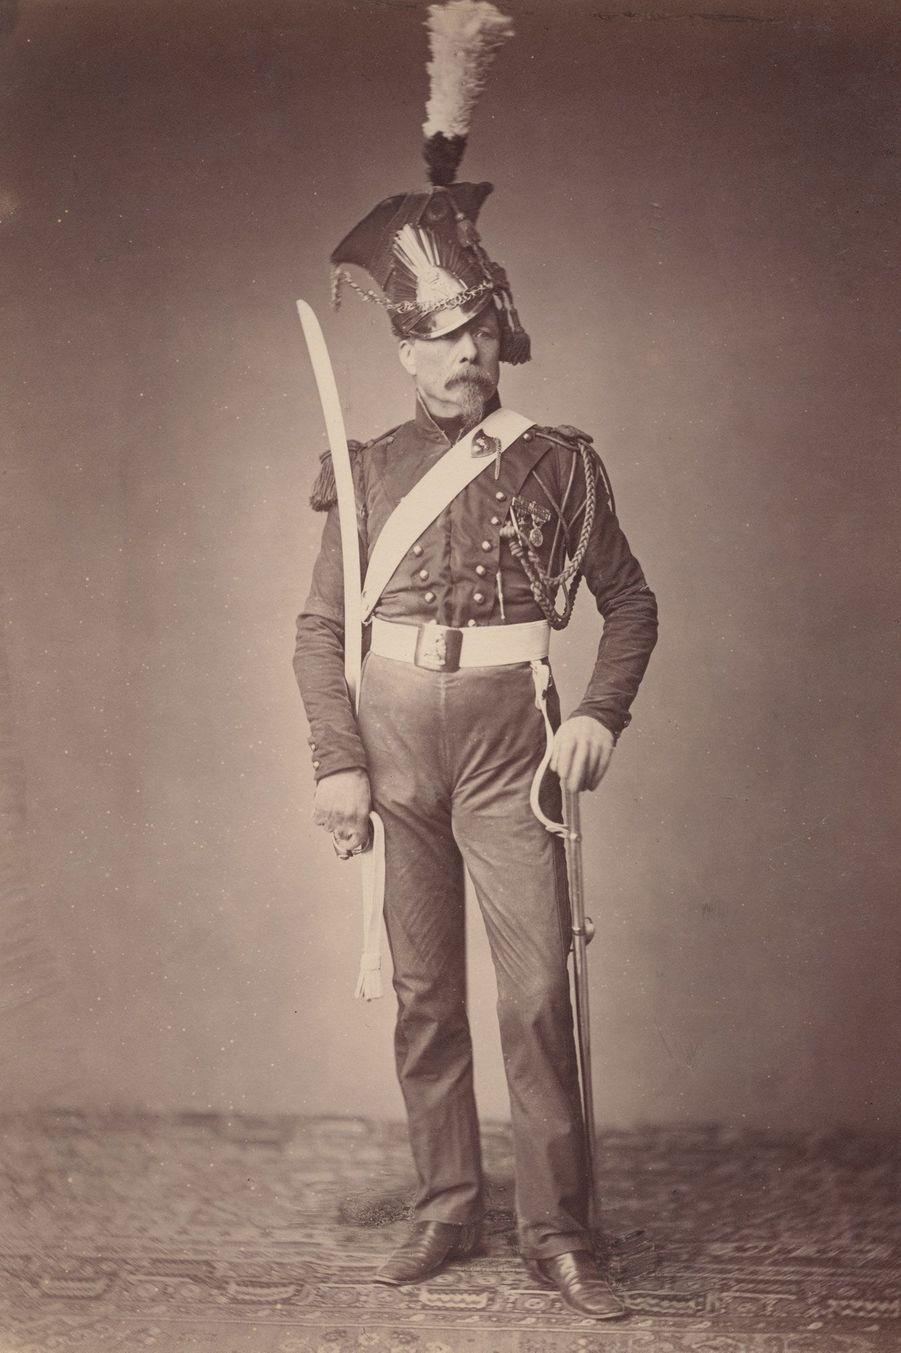 Le lancier. Monsieur Verlinde combattait dans l'unité de cavaliers légers créée en 1811 par Napoléon. Il porte une schapska (un casque avec pan...